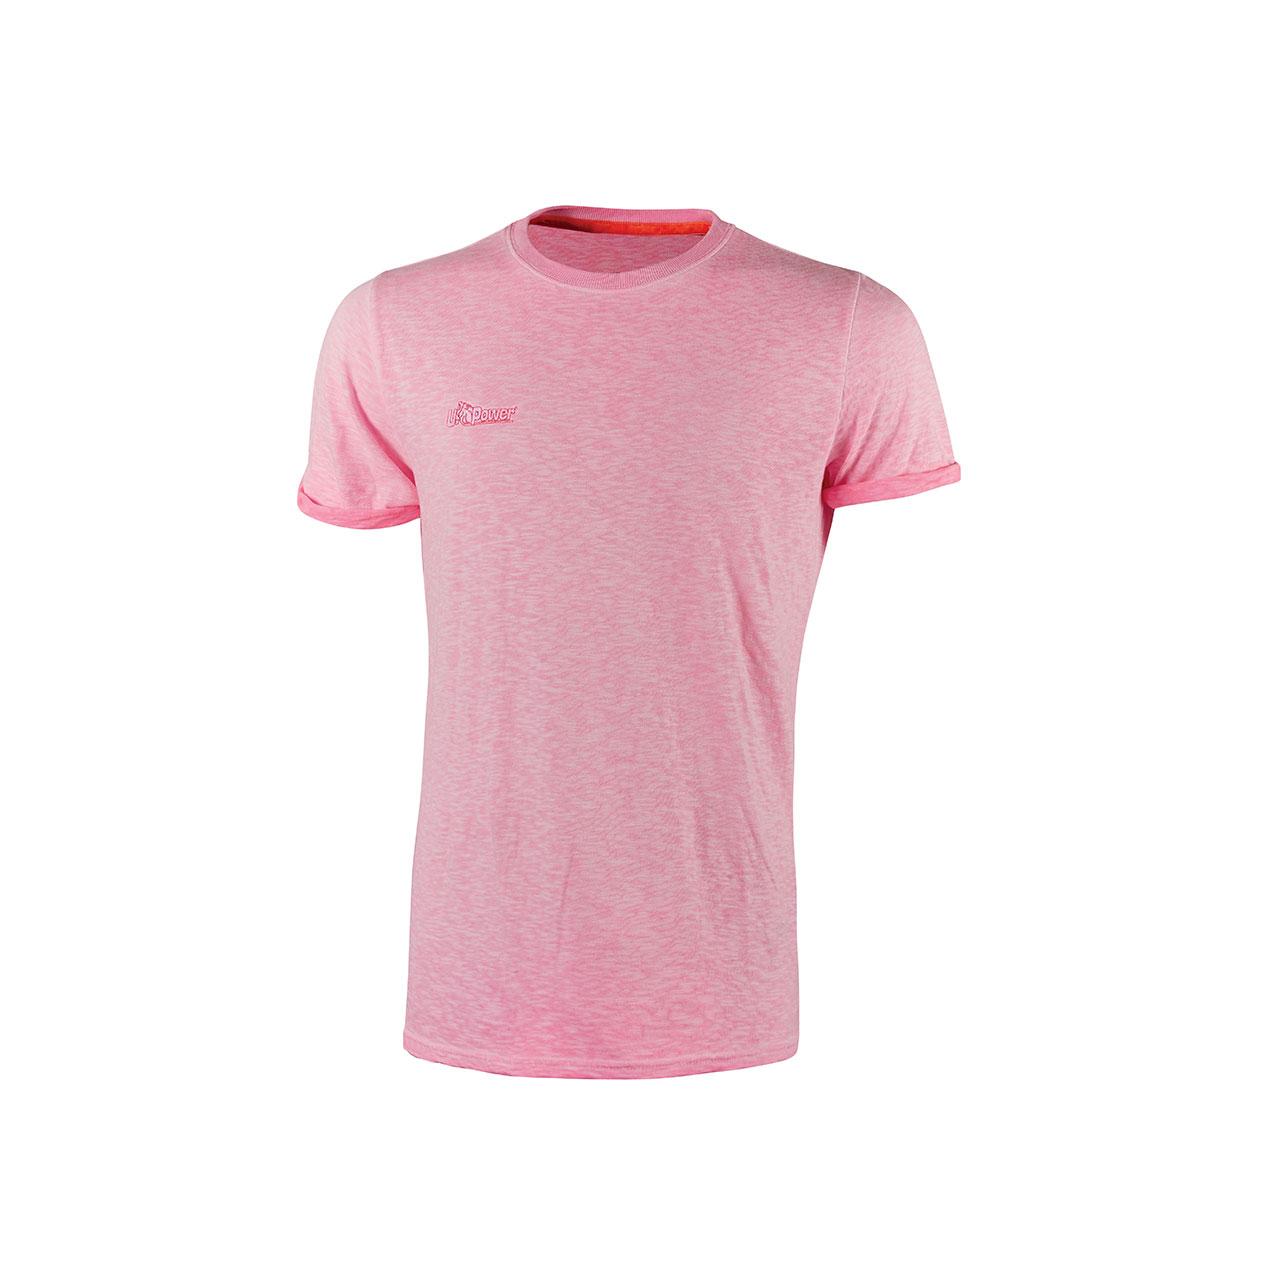 Tshirt da lavoro upower modello fluo colore pink fluo prodotto